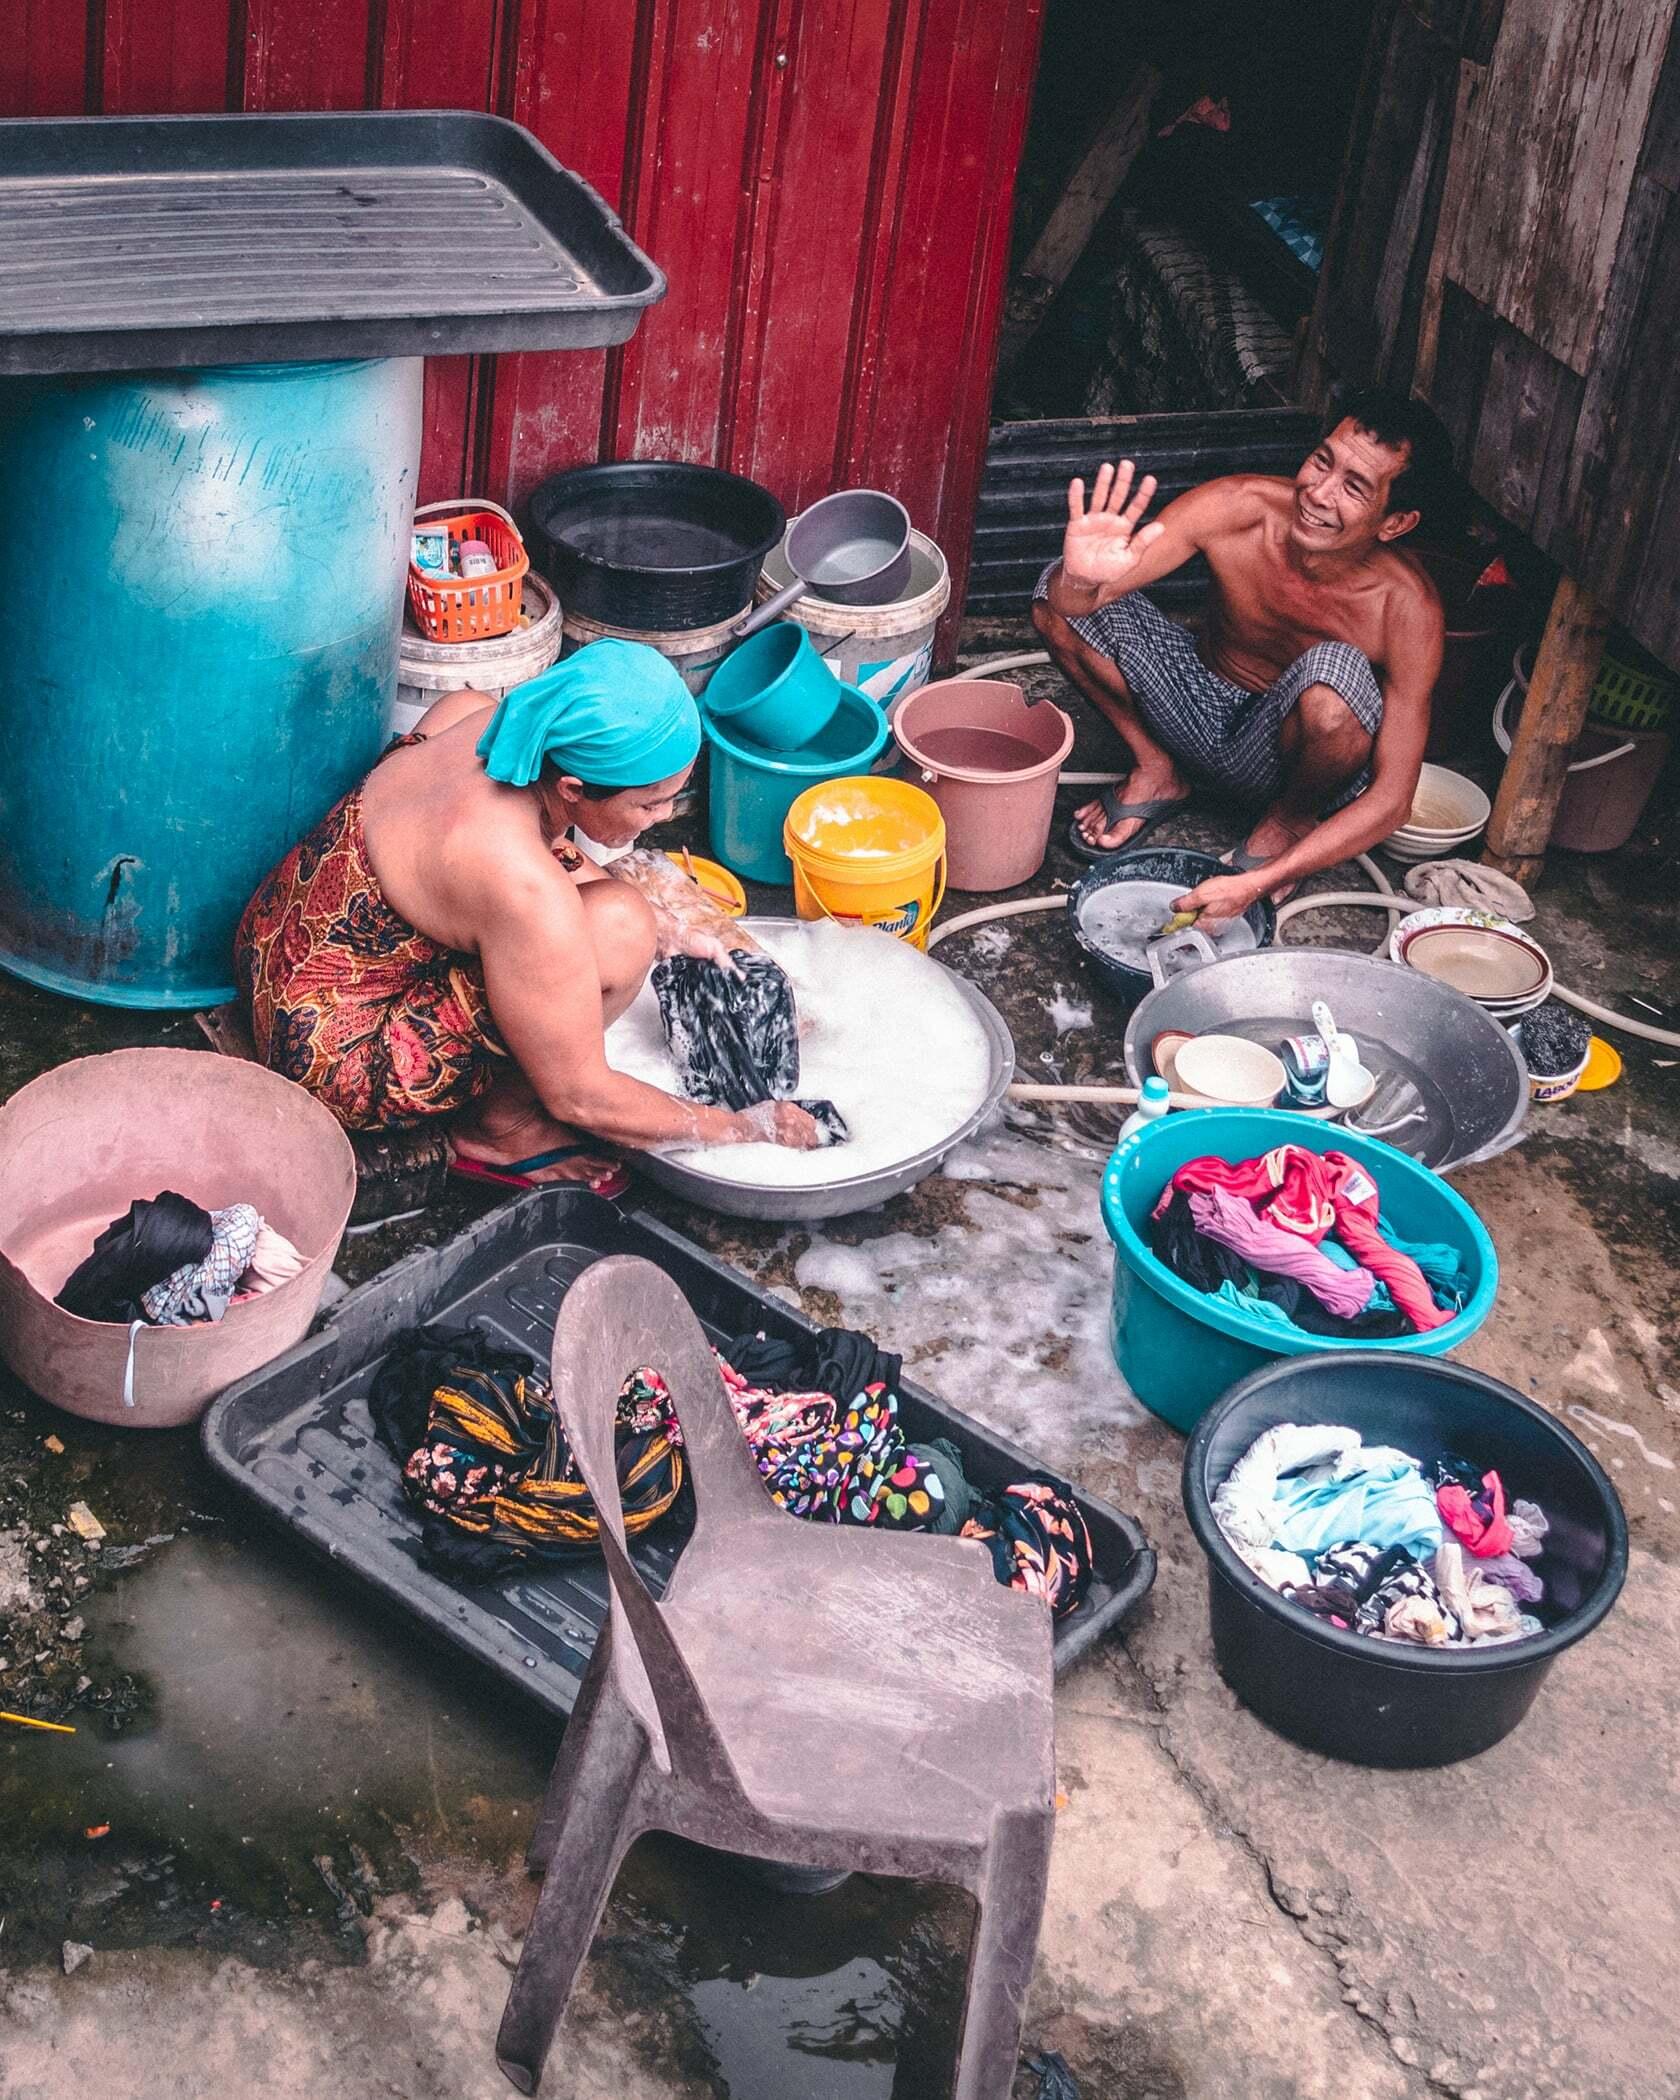 Foto van personen die de afwas aan het doen zijn in een sloppenwijk uit fotografie collectie mensen van Simon Wijers